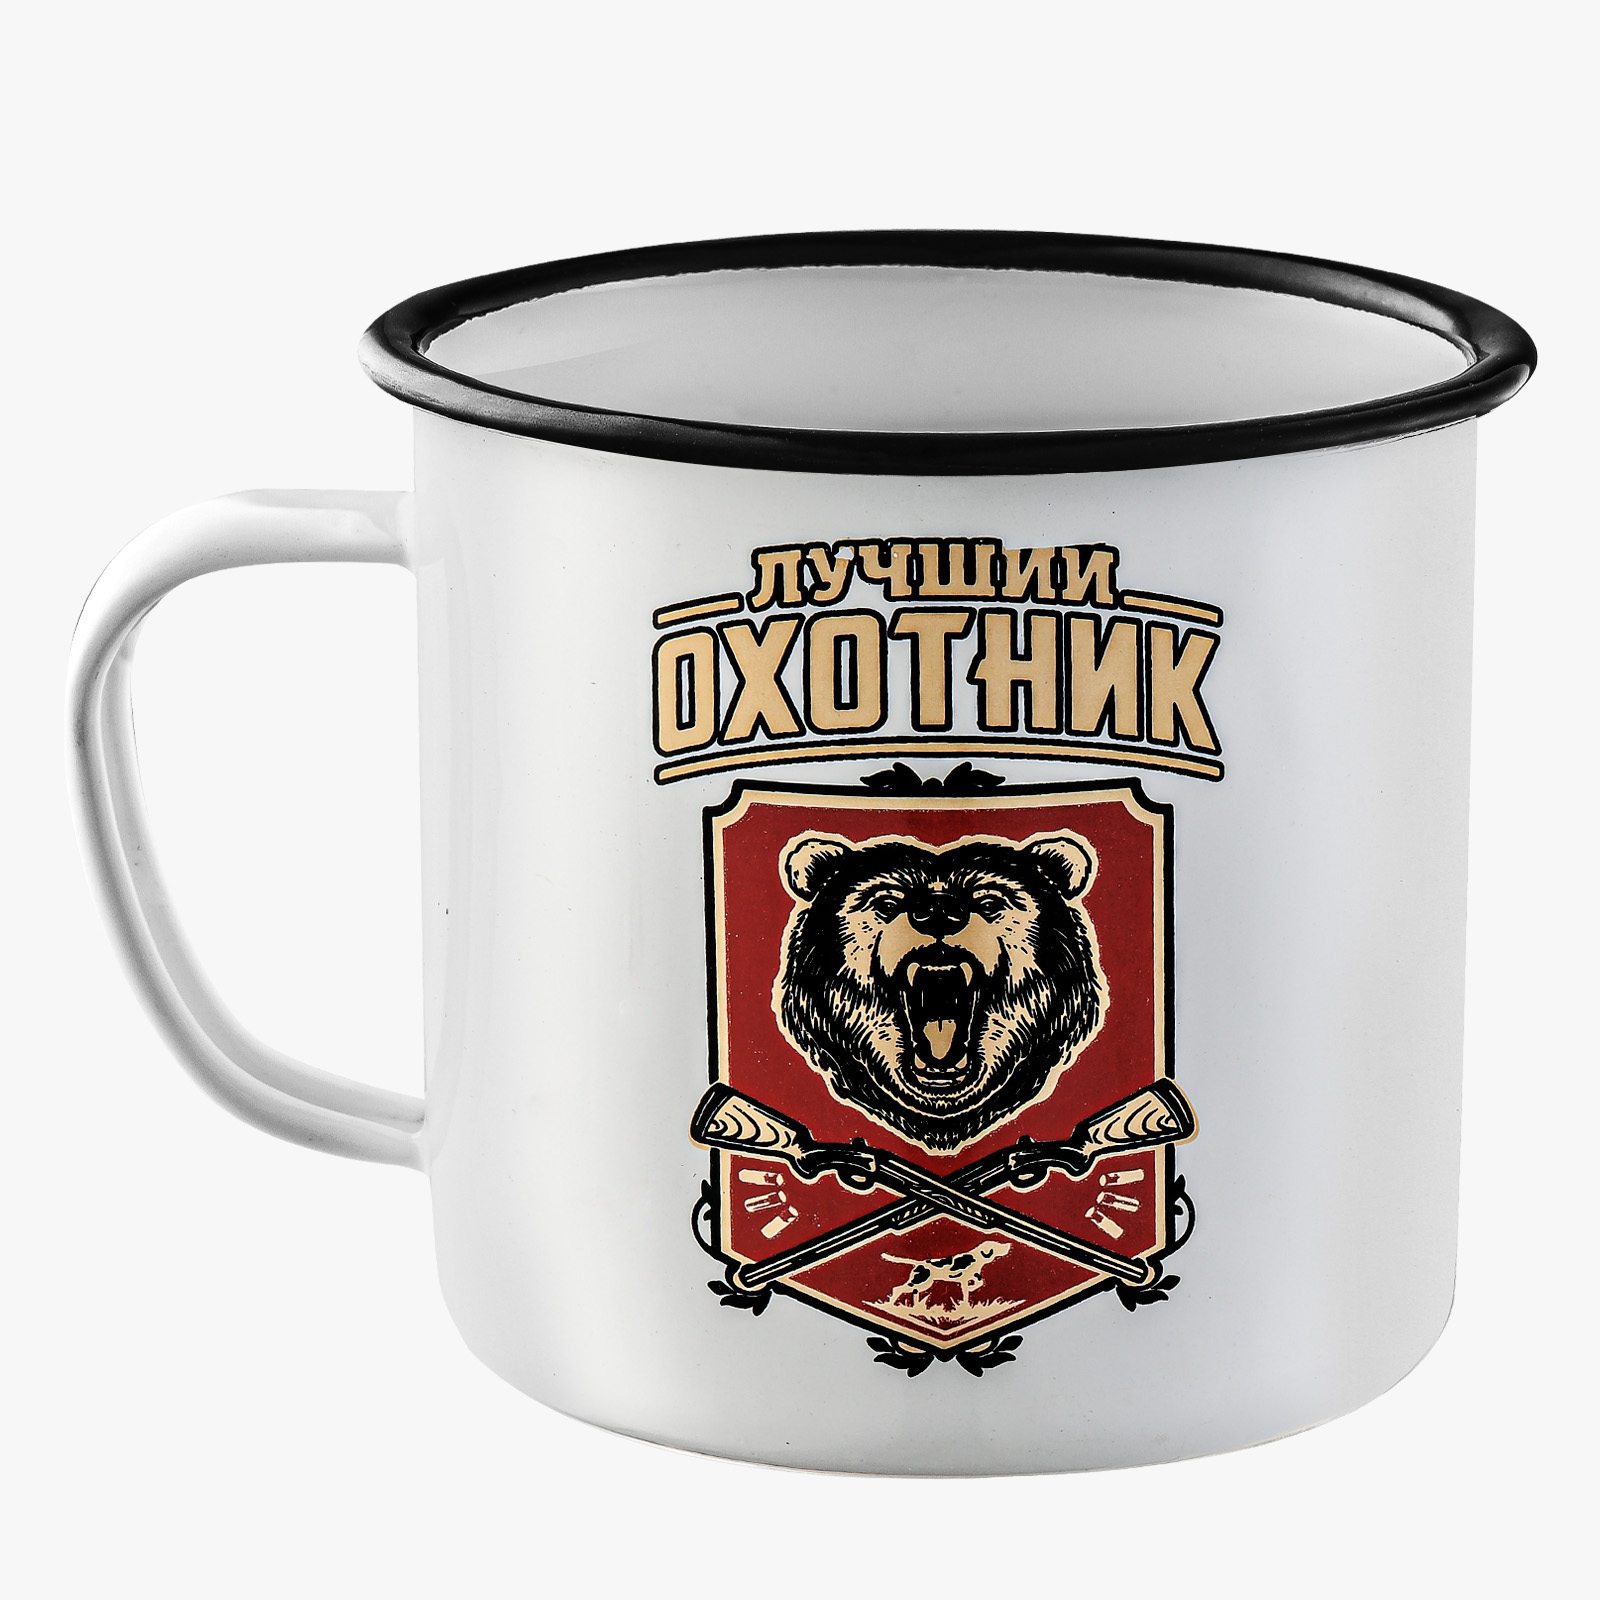 Сувенирная чашка охотника